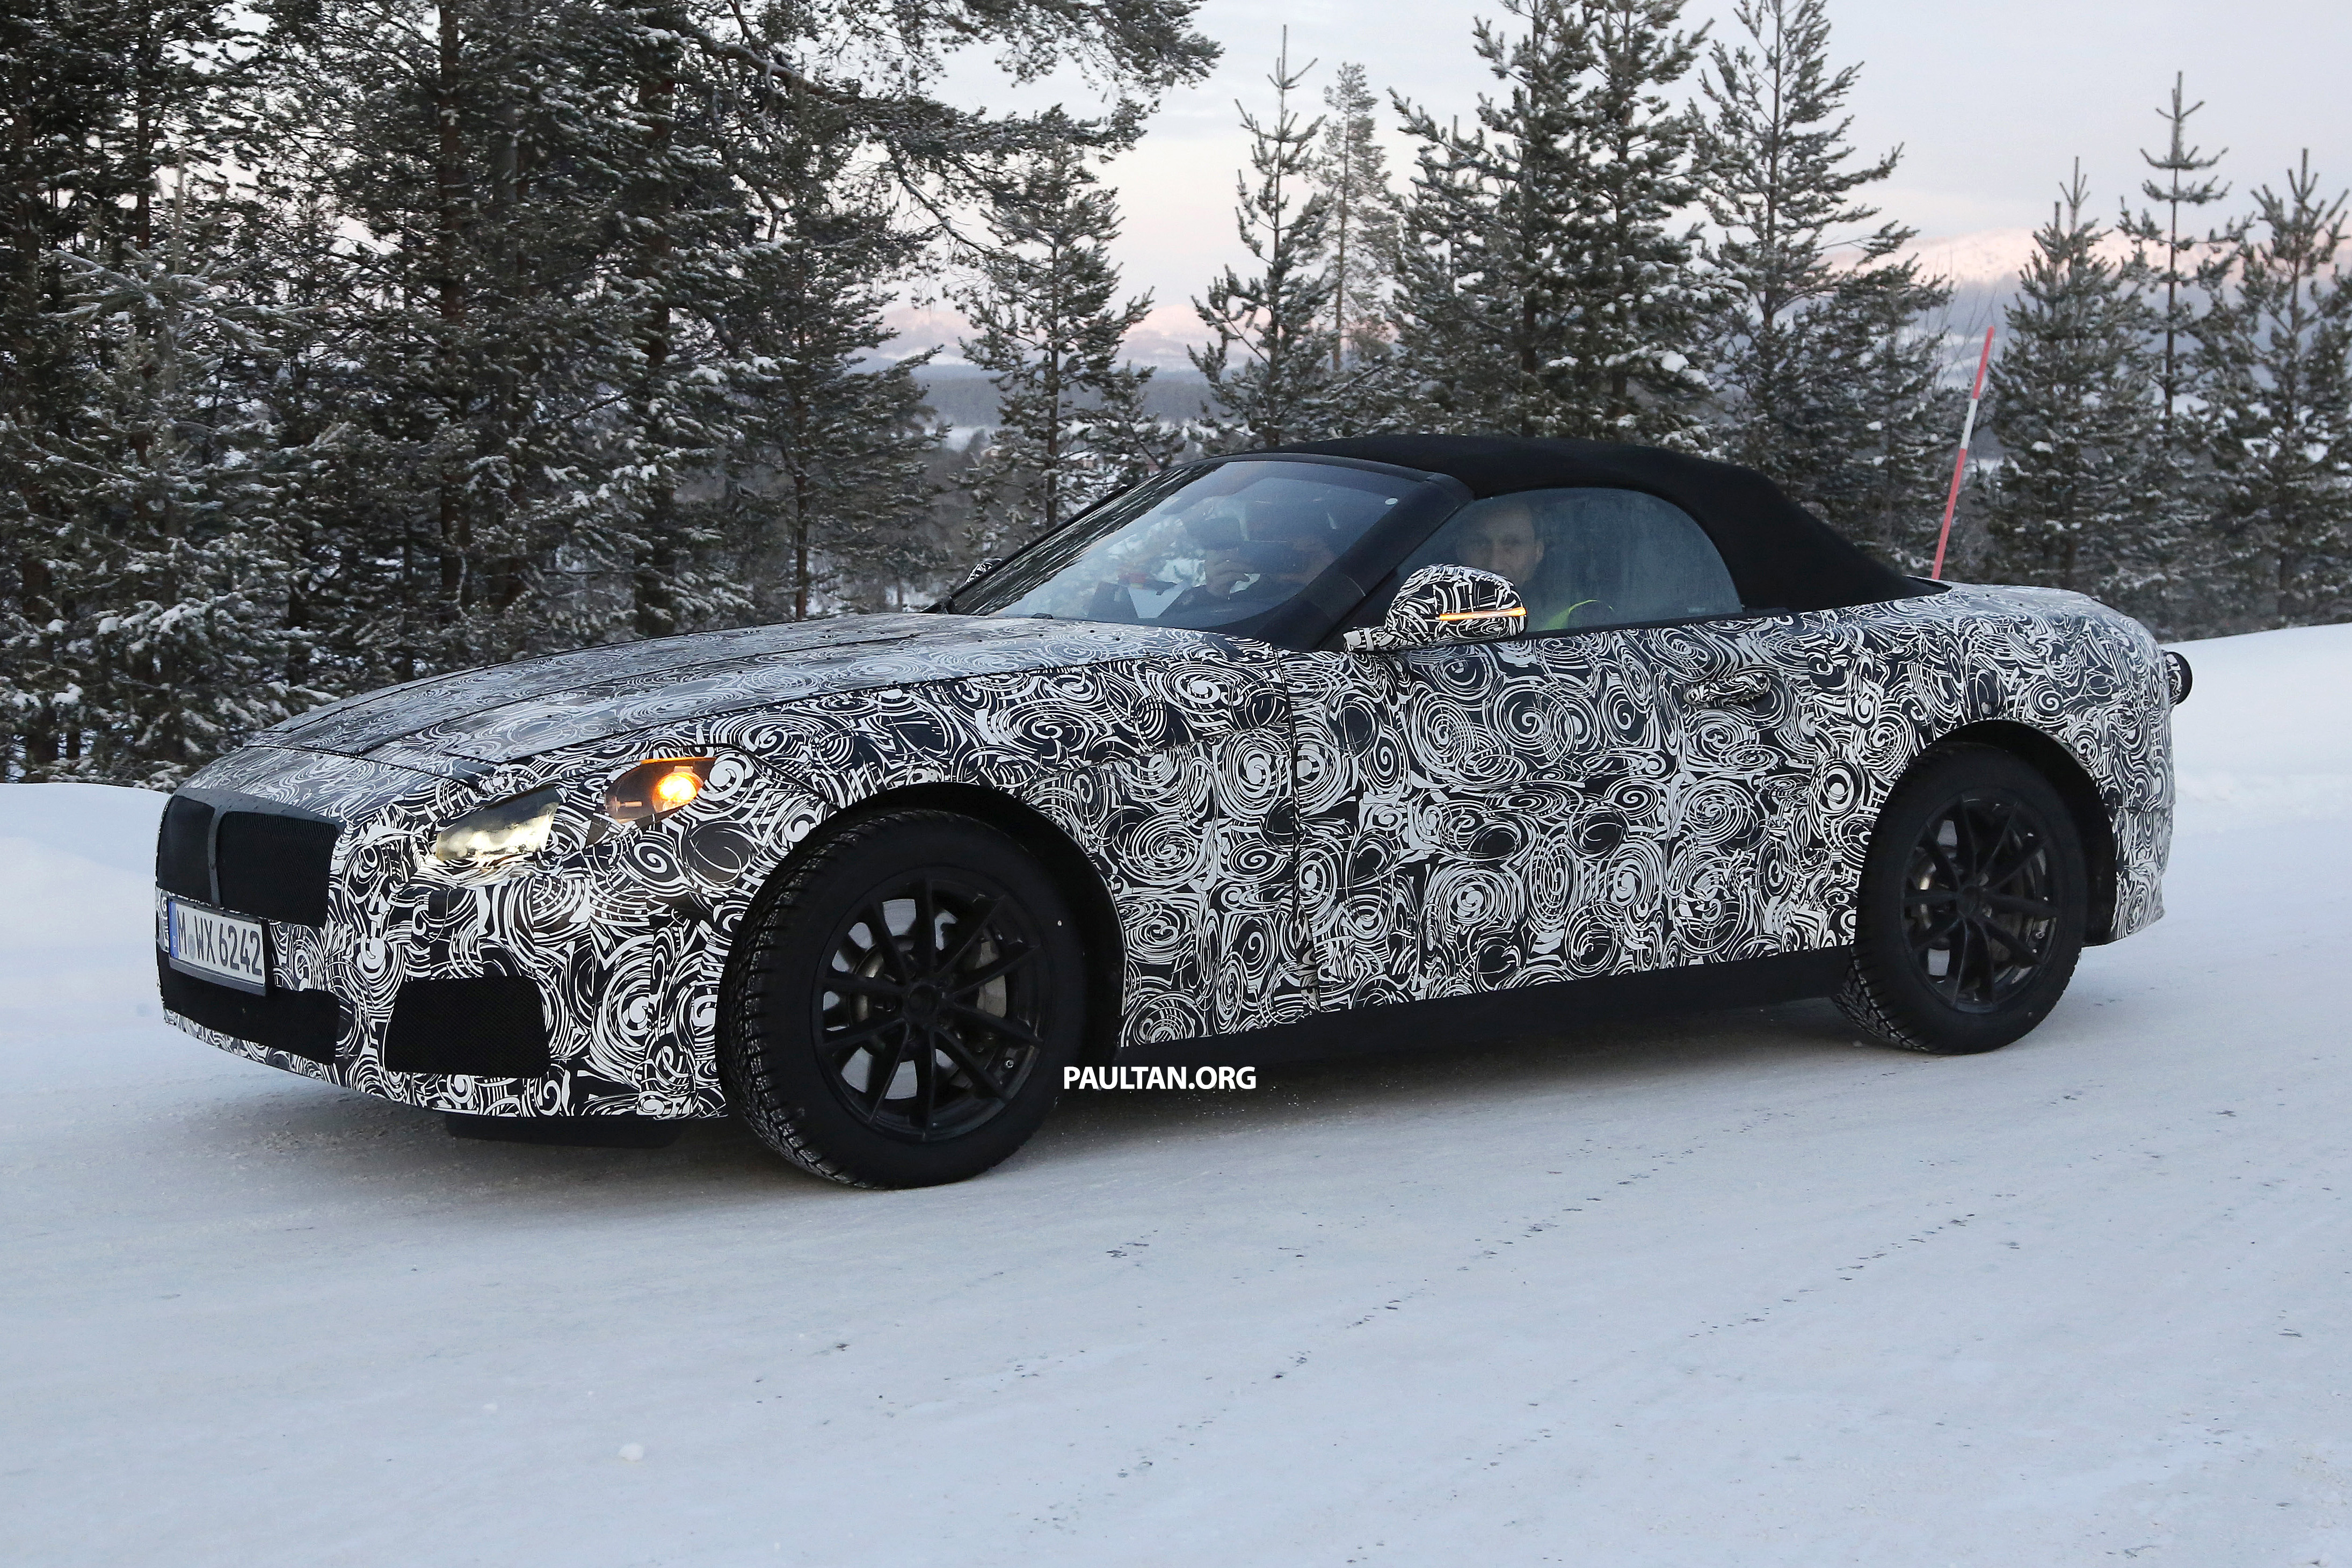 """2018 Toyta Supra >> SPYSHOTS: BMW """"Z5"""" to spawn next Toyota Supra? Paul Tan - Image 431459"""